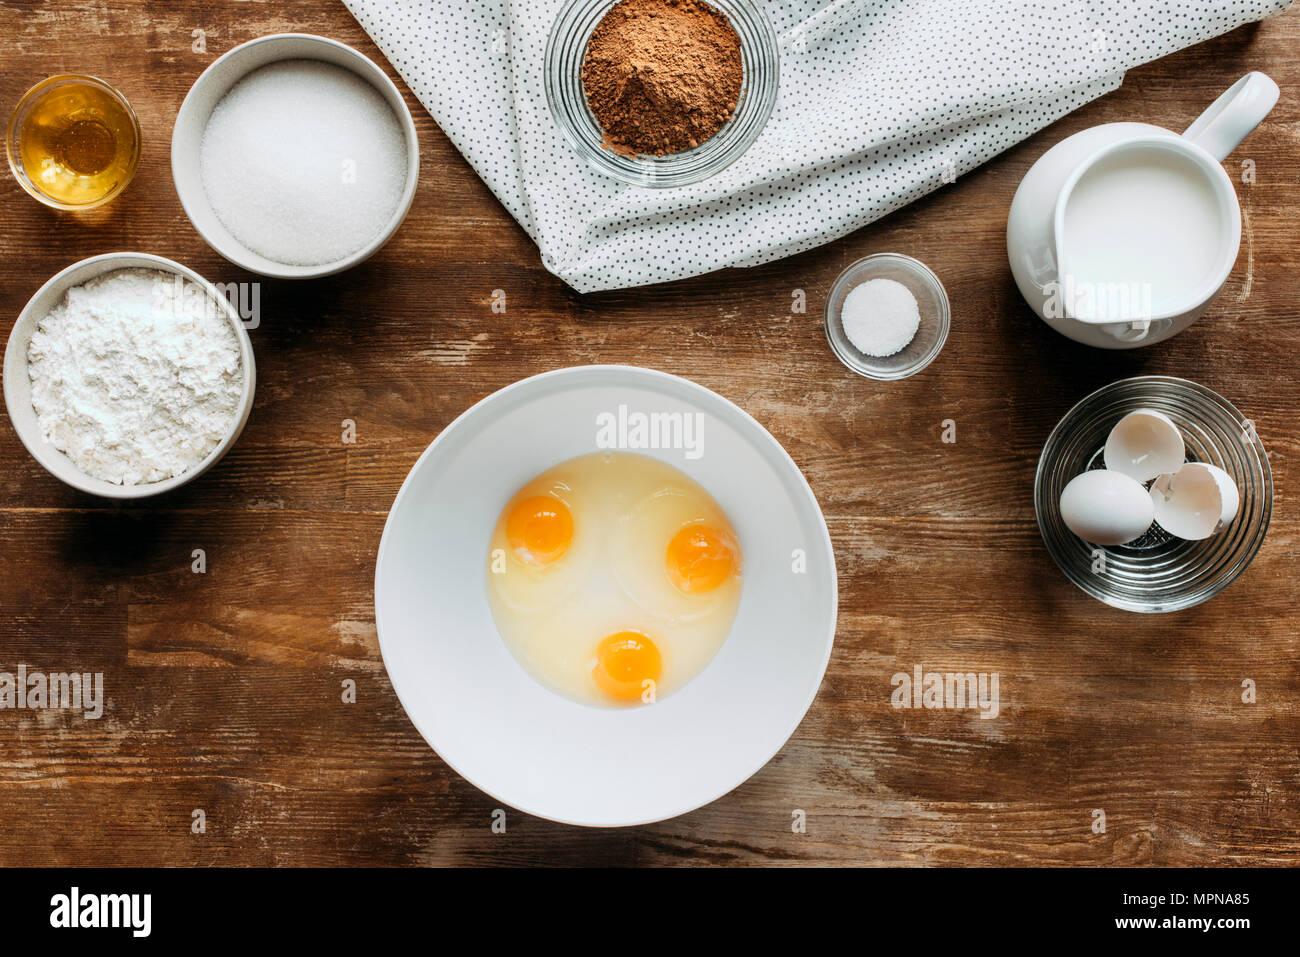 Vista superior de ingredientes para pastelería en mesa de madera Imagen De Stock